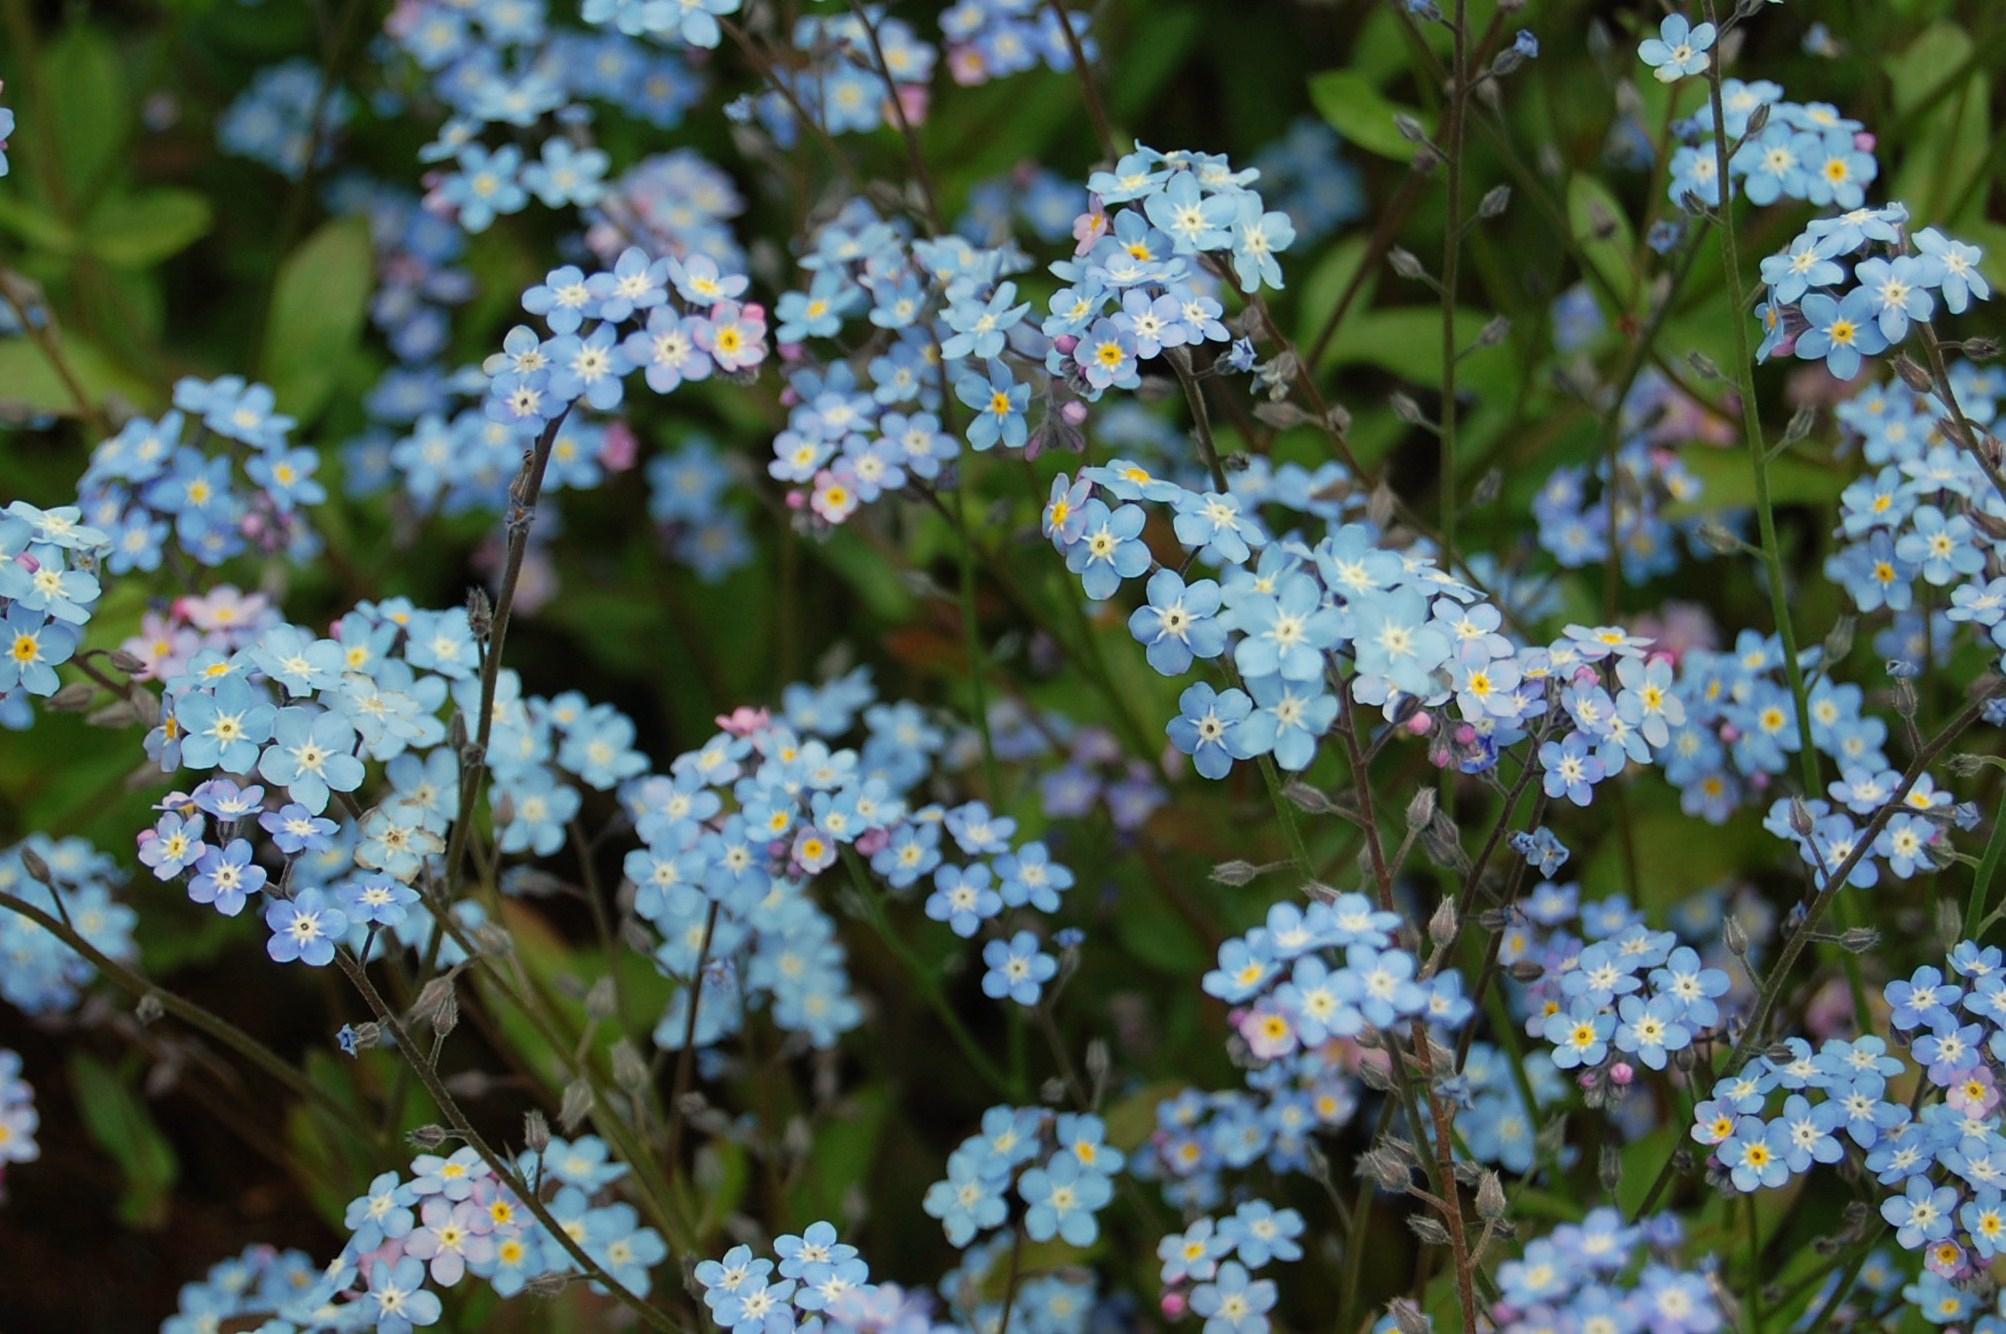 Forget Me Not Flower For Desktop